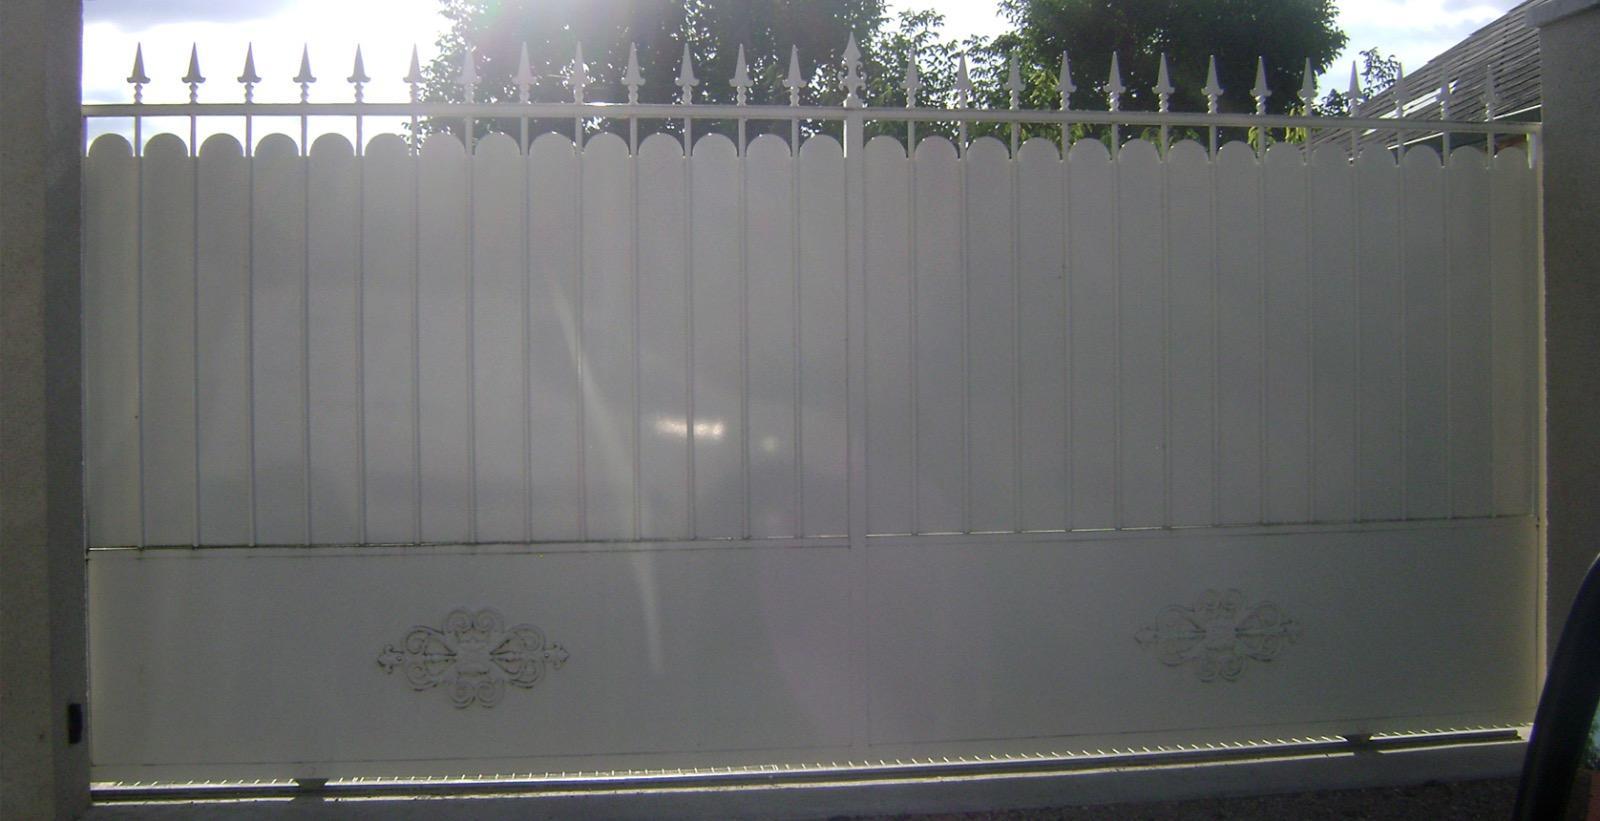 Mousse Sur Portail Pvc portes, portails et portillons - caille sarl à mer (41)